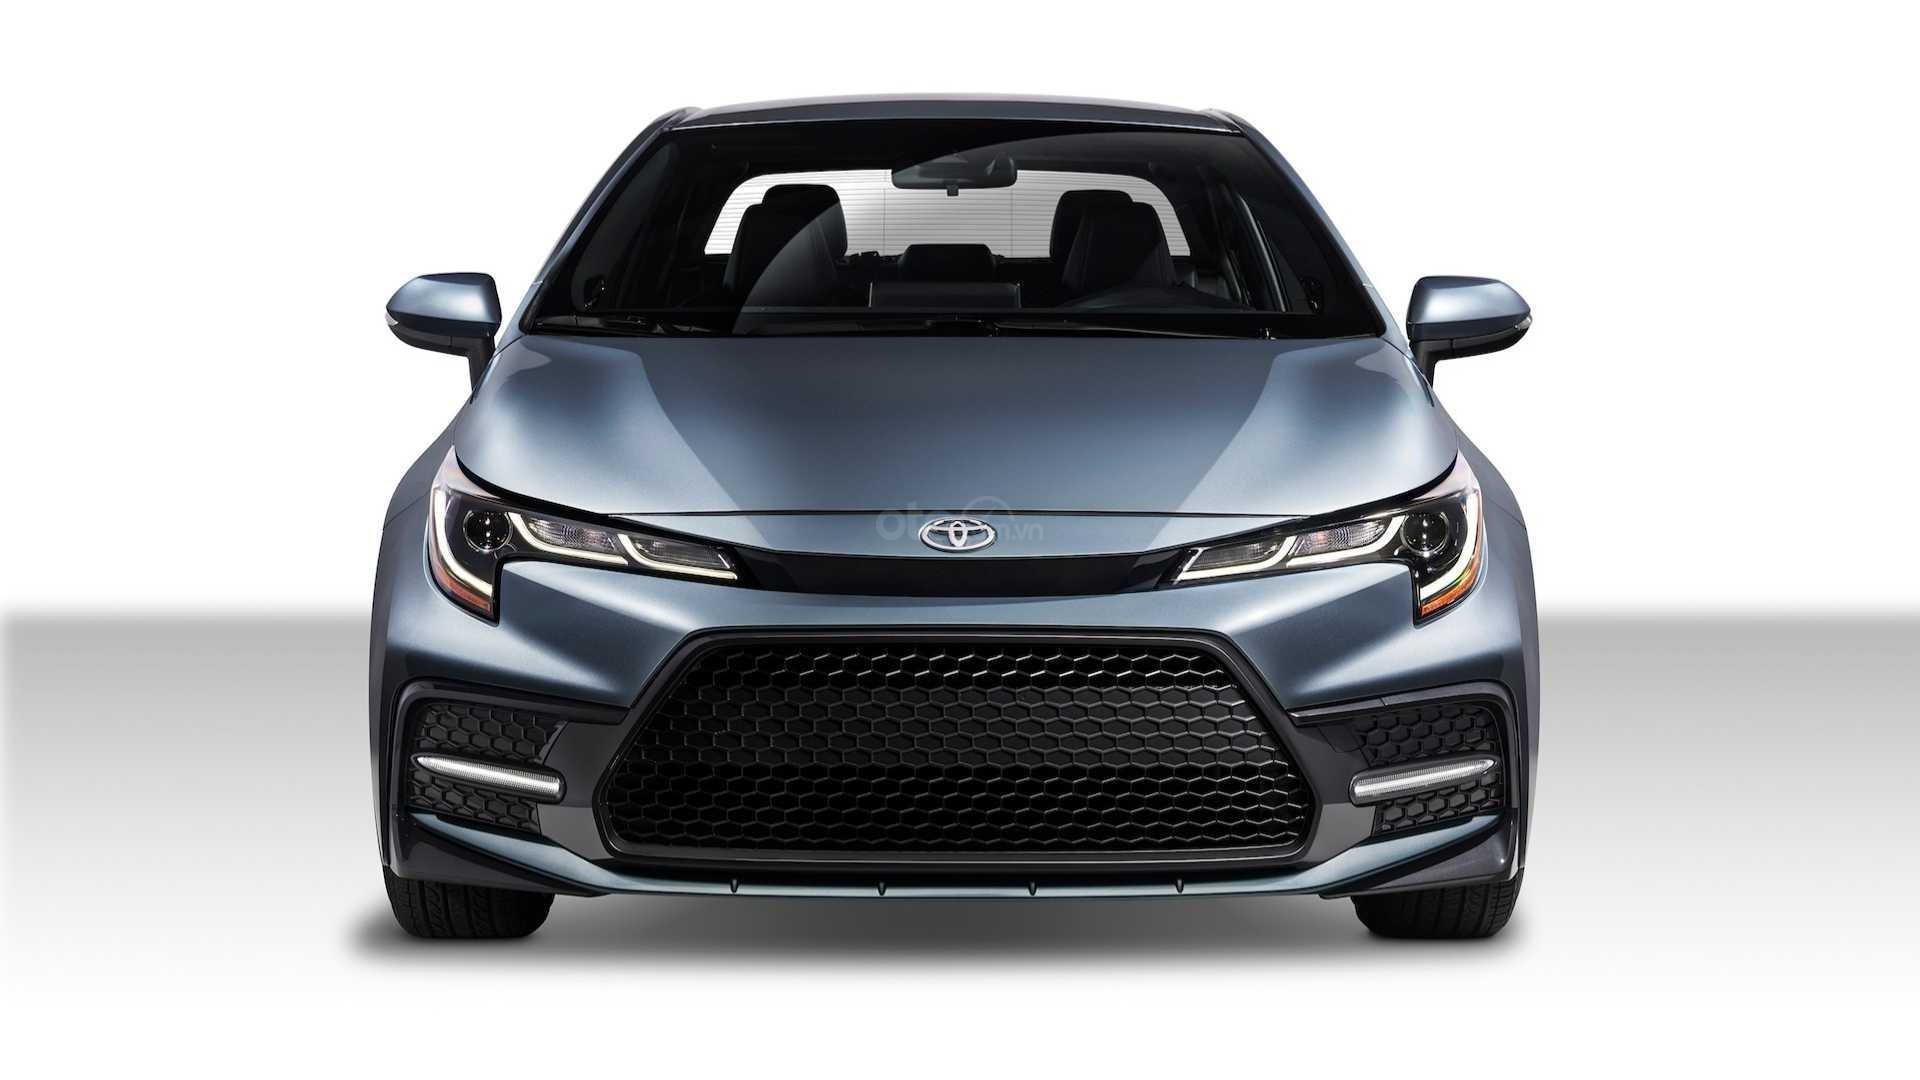 Đầu xe phong cách, trẻ trung của Toyota Corolla 2020 sedan.